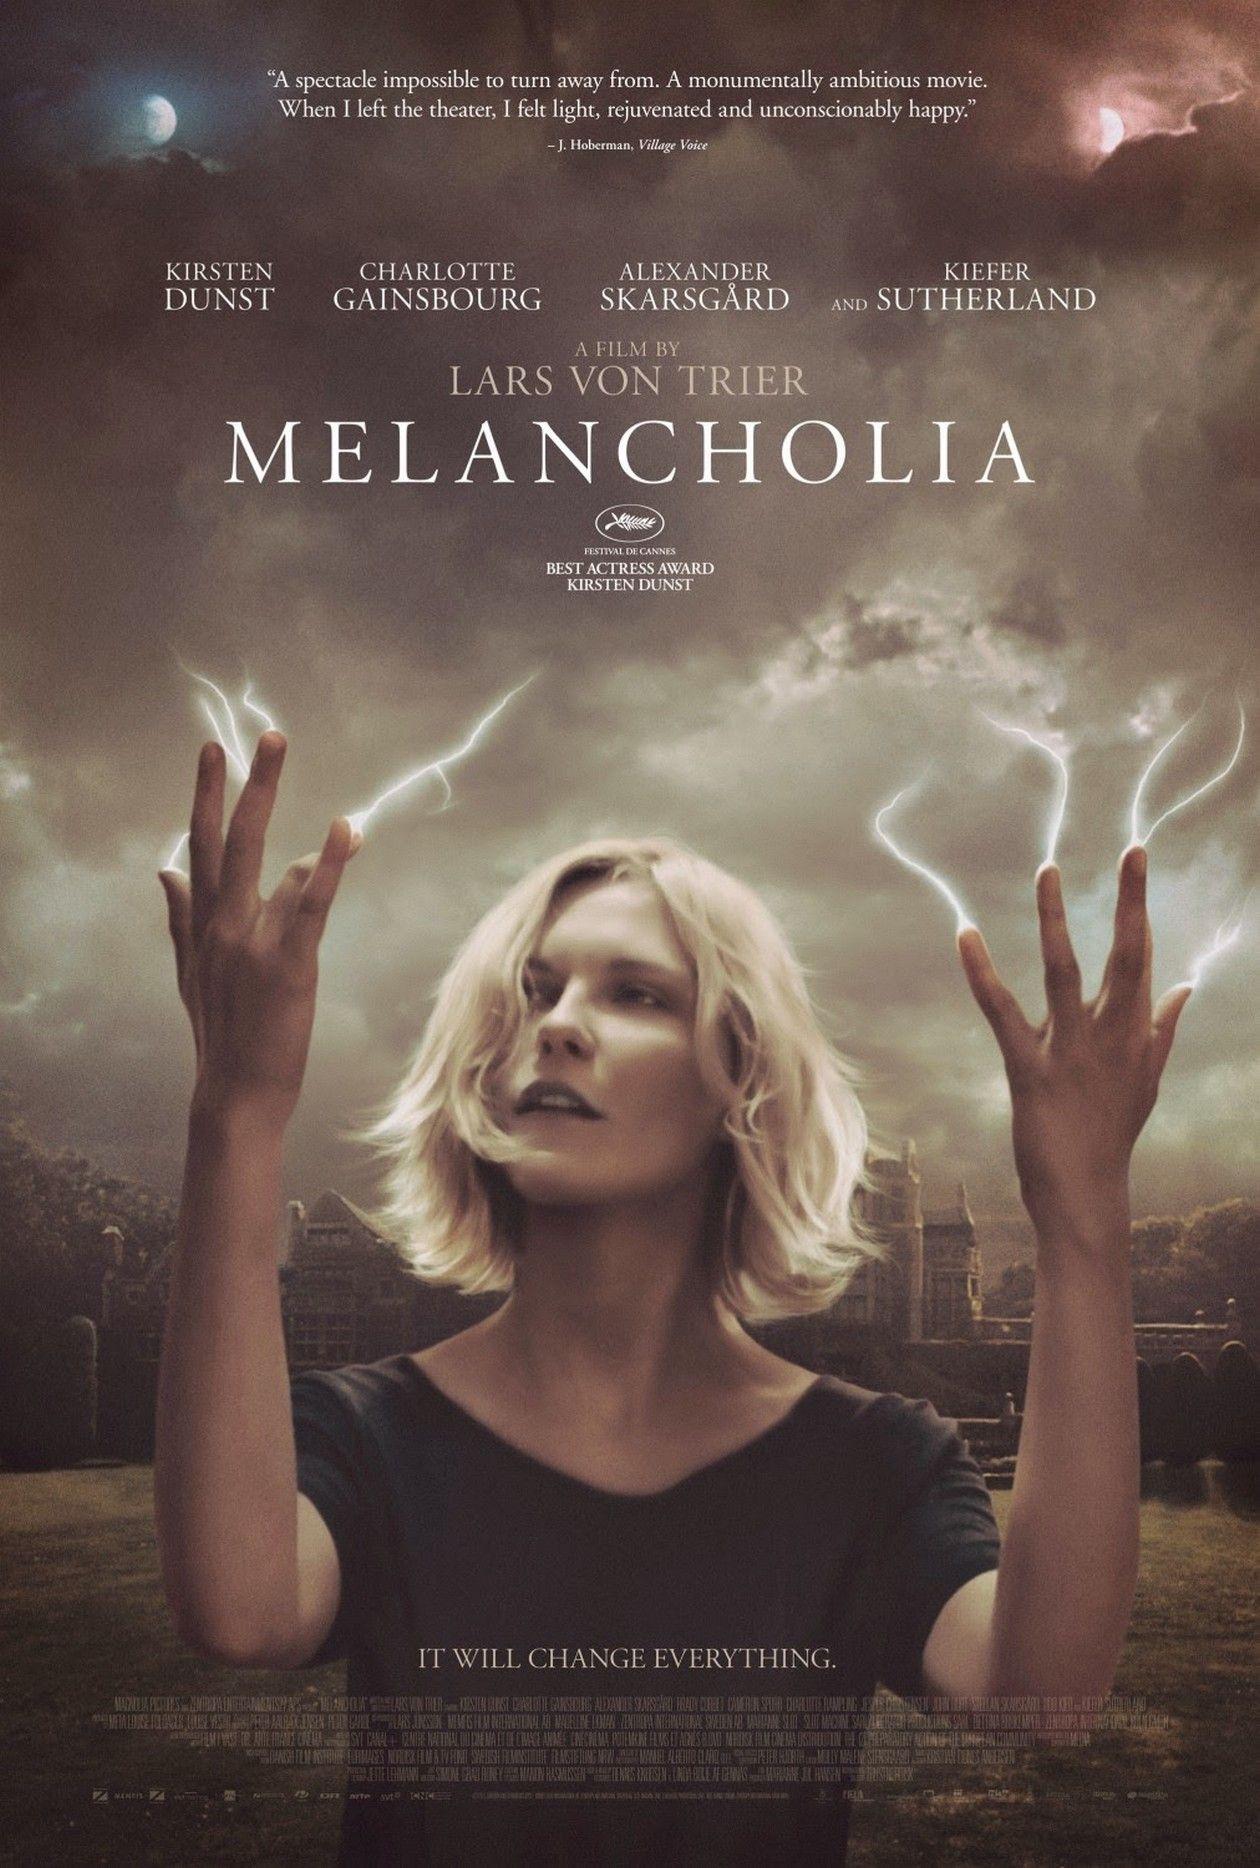 Kirsten Dunst | Melancholia / Lars Von Trier 2011 Movie Poster - Affiche du film